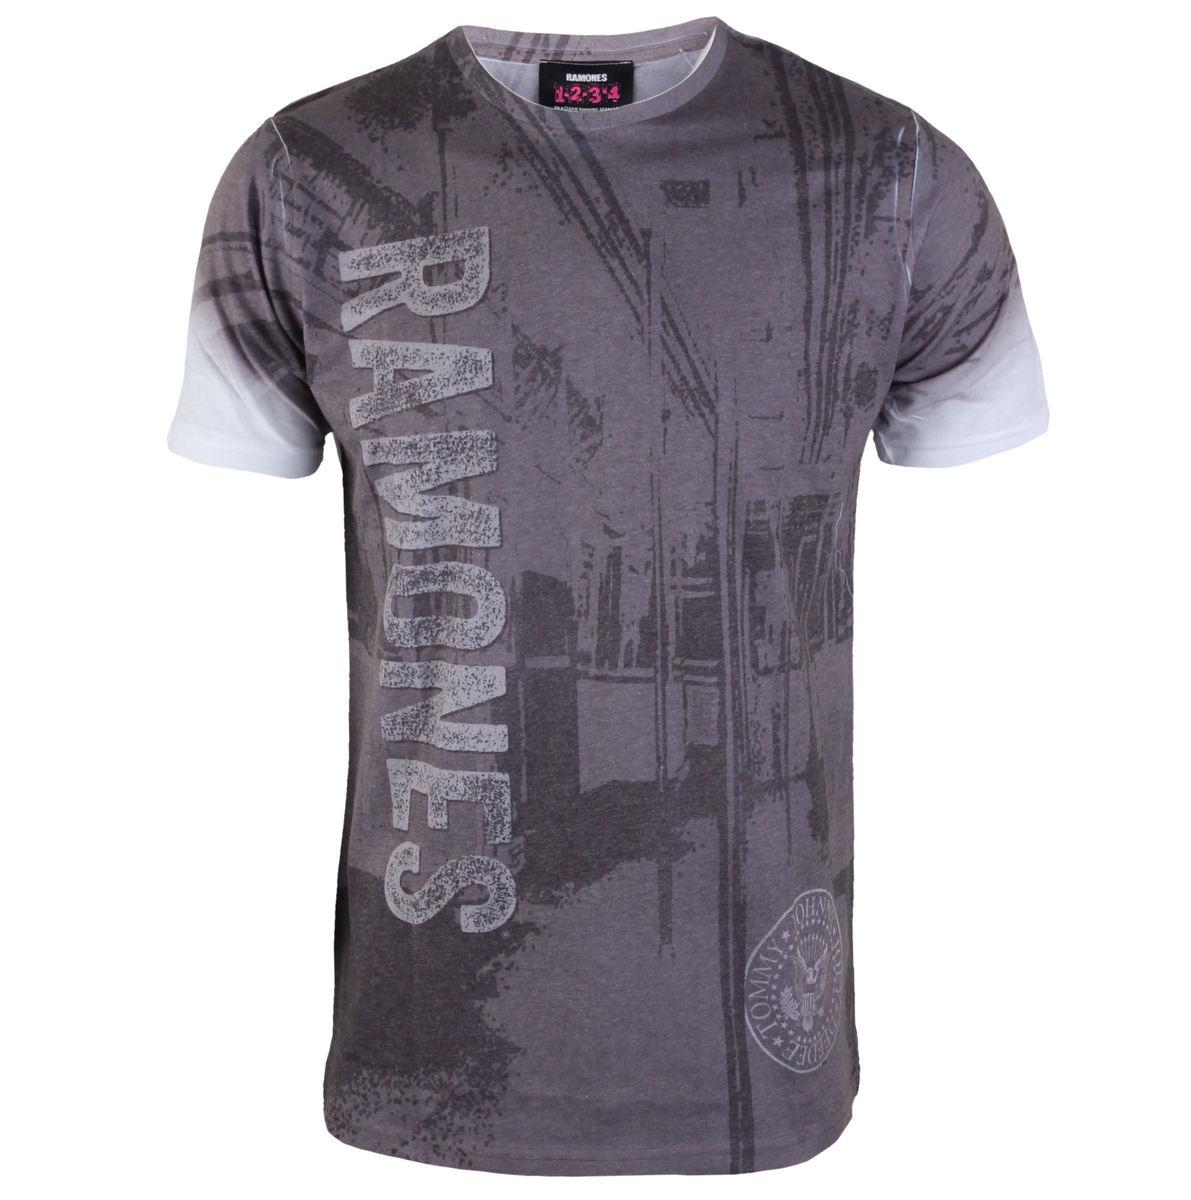 tričko pánské Ramones - Ramones Subway - ROCK OFF - RATS23MW